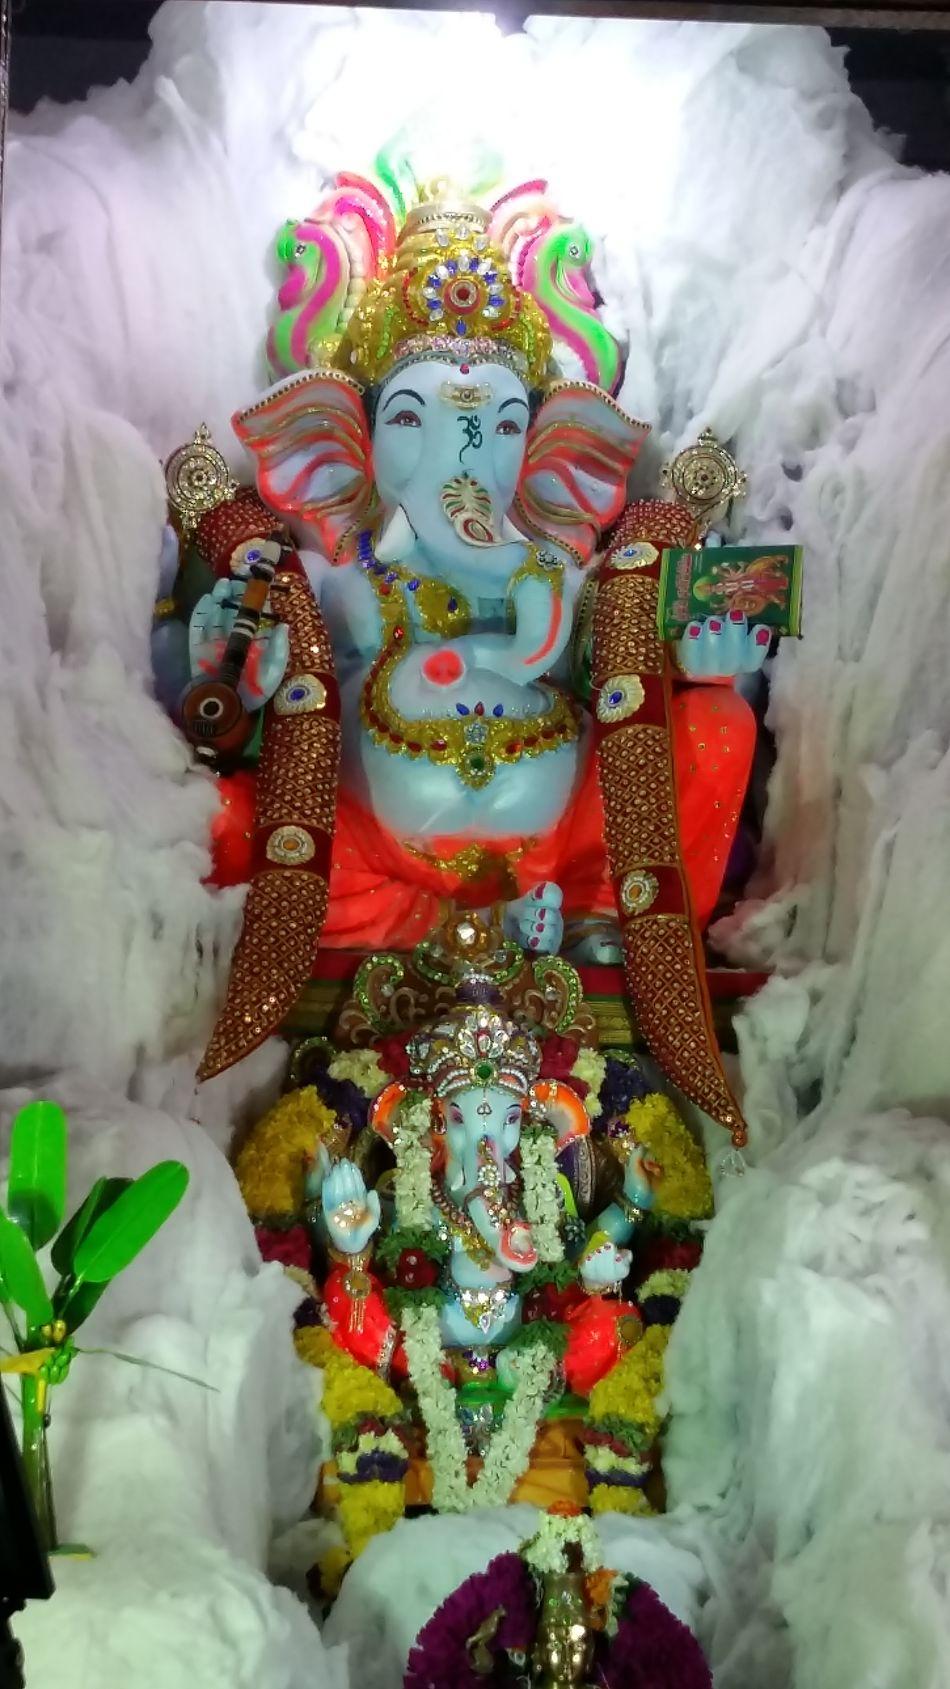 Lord Lord Ganesh Lord Ganesha Lord Ganapathi Ganesh Ganesha Ganapathi Vinayaka Lord Vinayaka Vinayakudu Akhuratha God Devudu Indian Lord Ganesh Indian God Ganesha Hindu Gods Balaganapathi Bheema Balachandra Bhupathi Deva Eka Dantam Eka Dantagnudu Eka Danta Gajanana